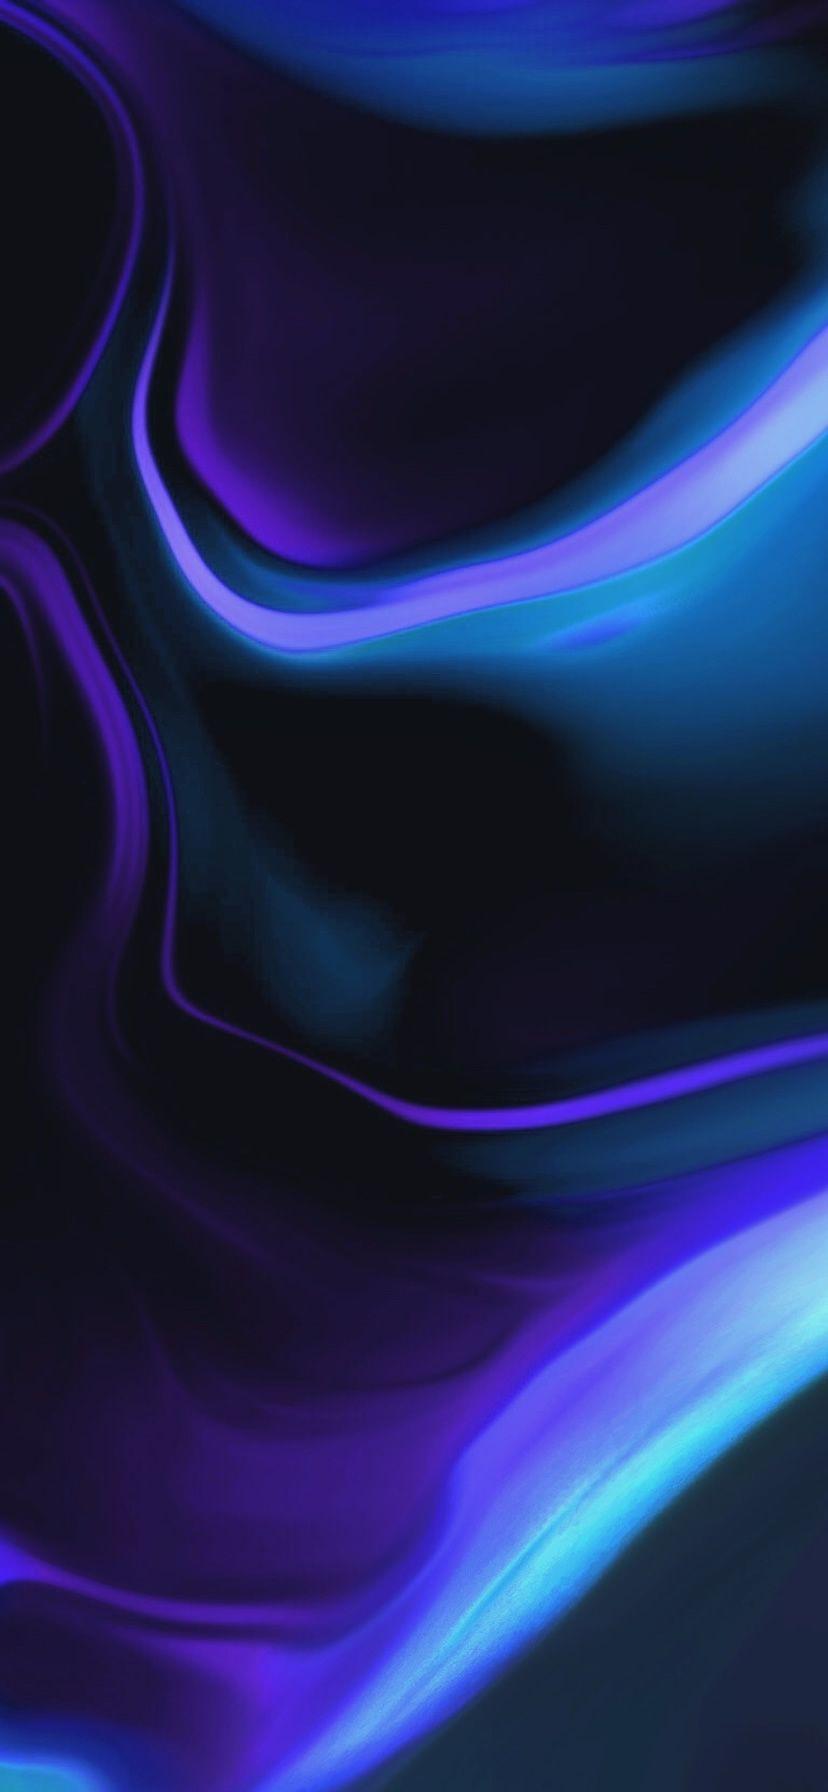 抽象的な波パープルブルーiphonexr壁紙 828 1792 Iphone 用壁紙